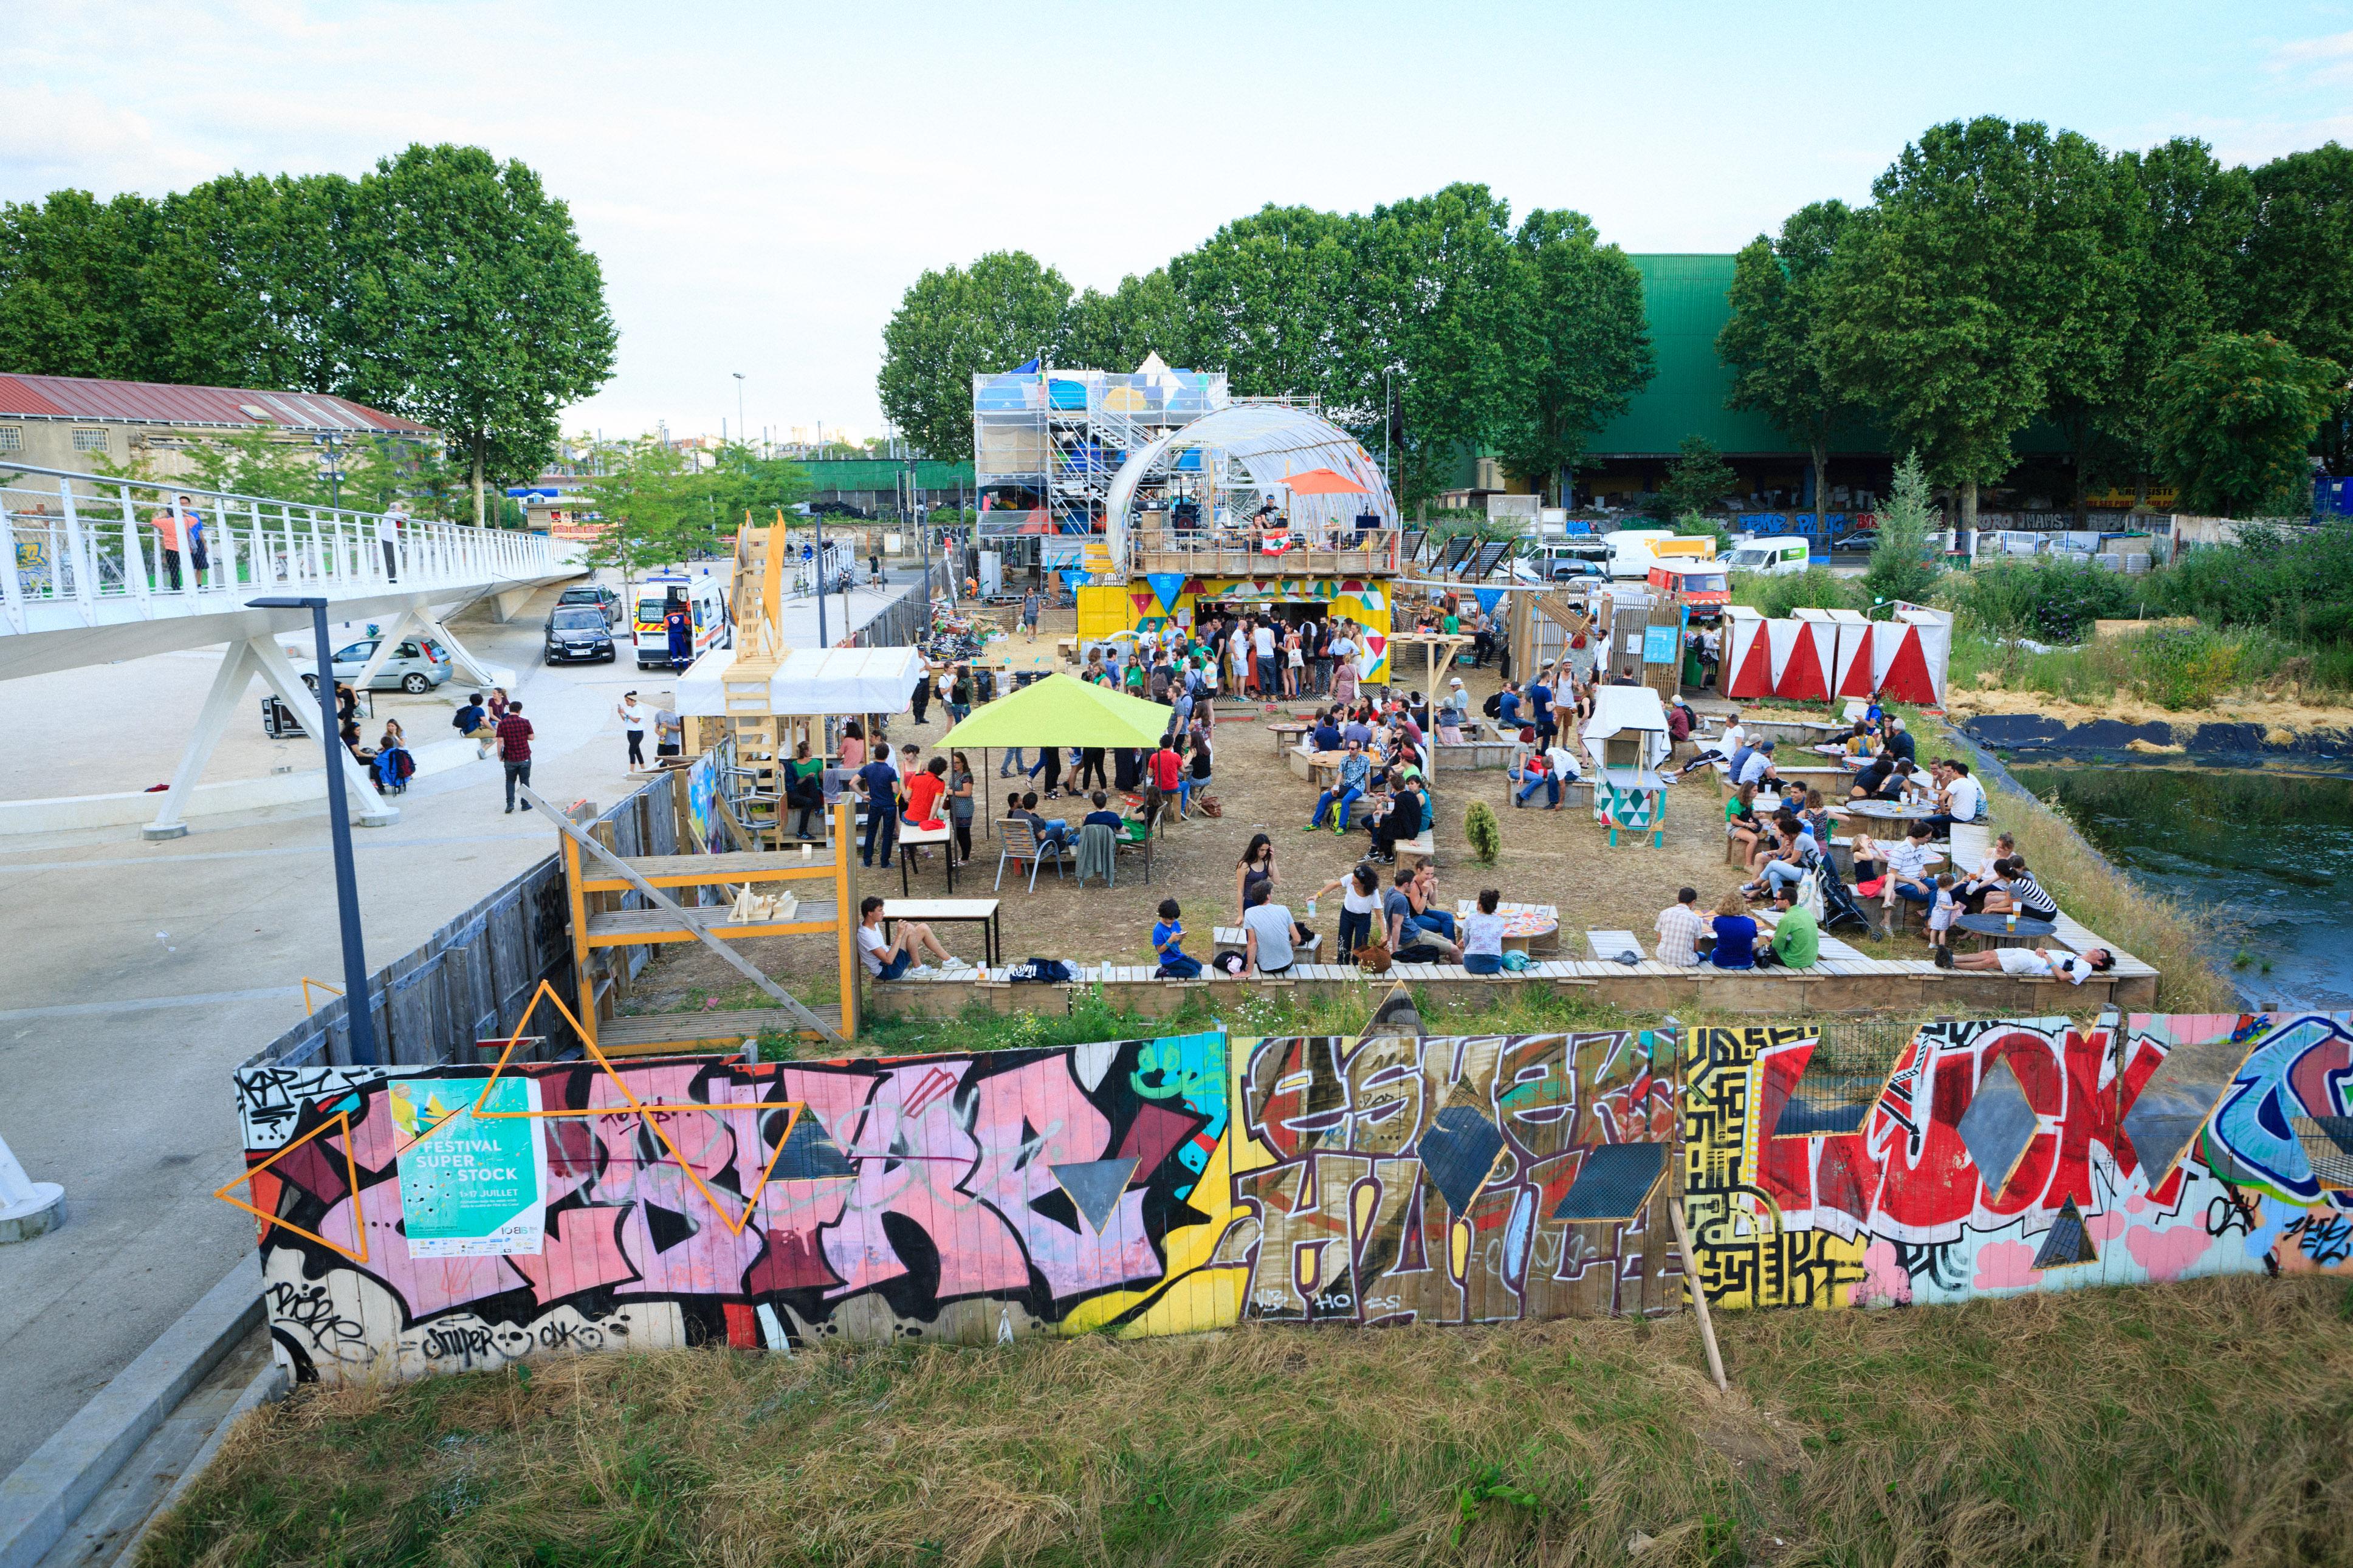 POM_Festival_Bellastock_FR_16072016_D311018.jpg